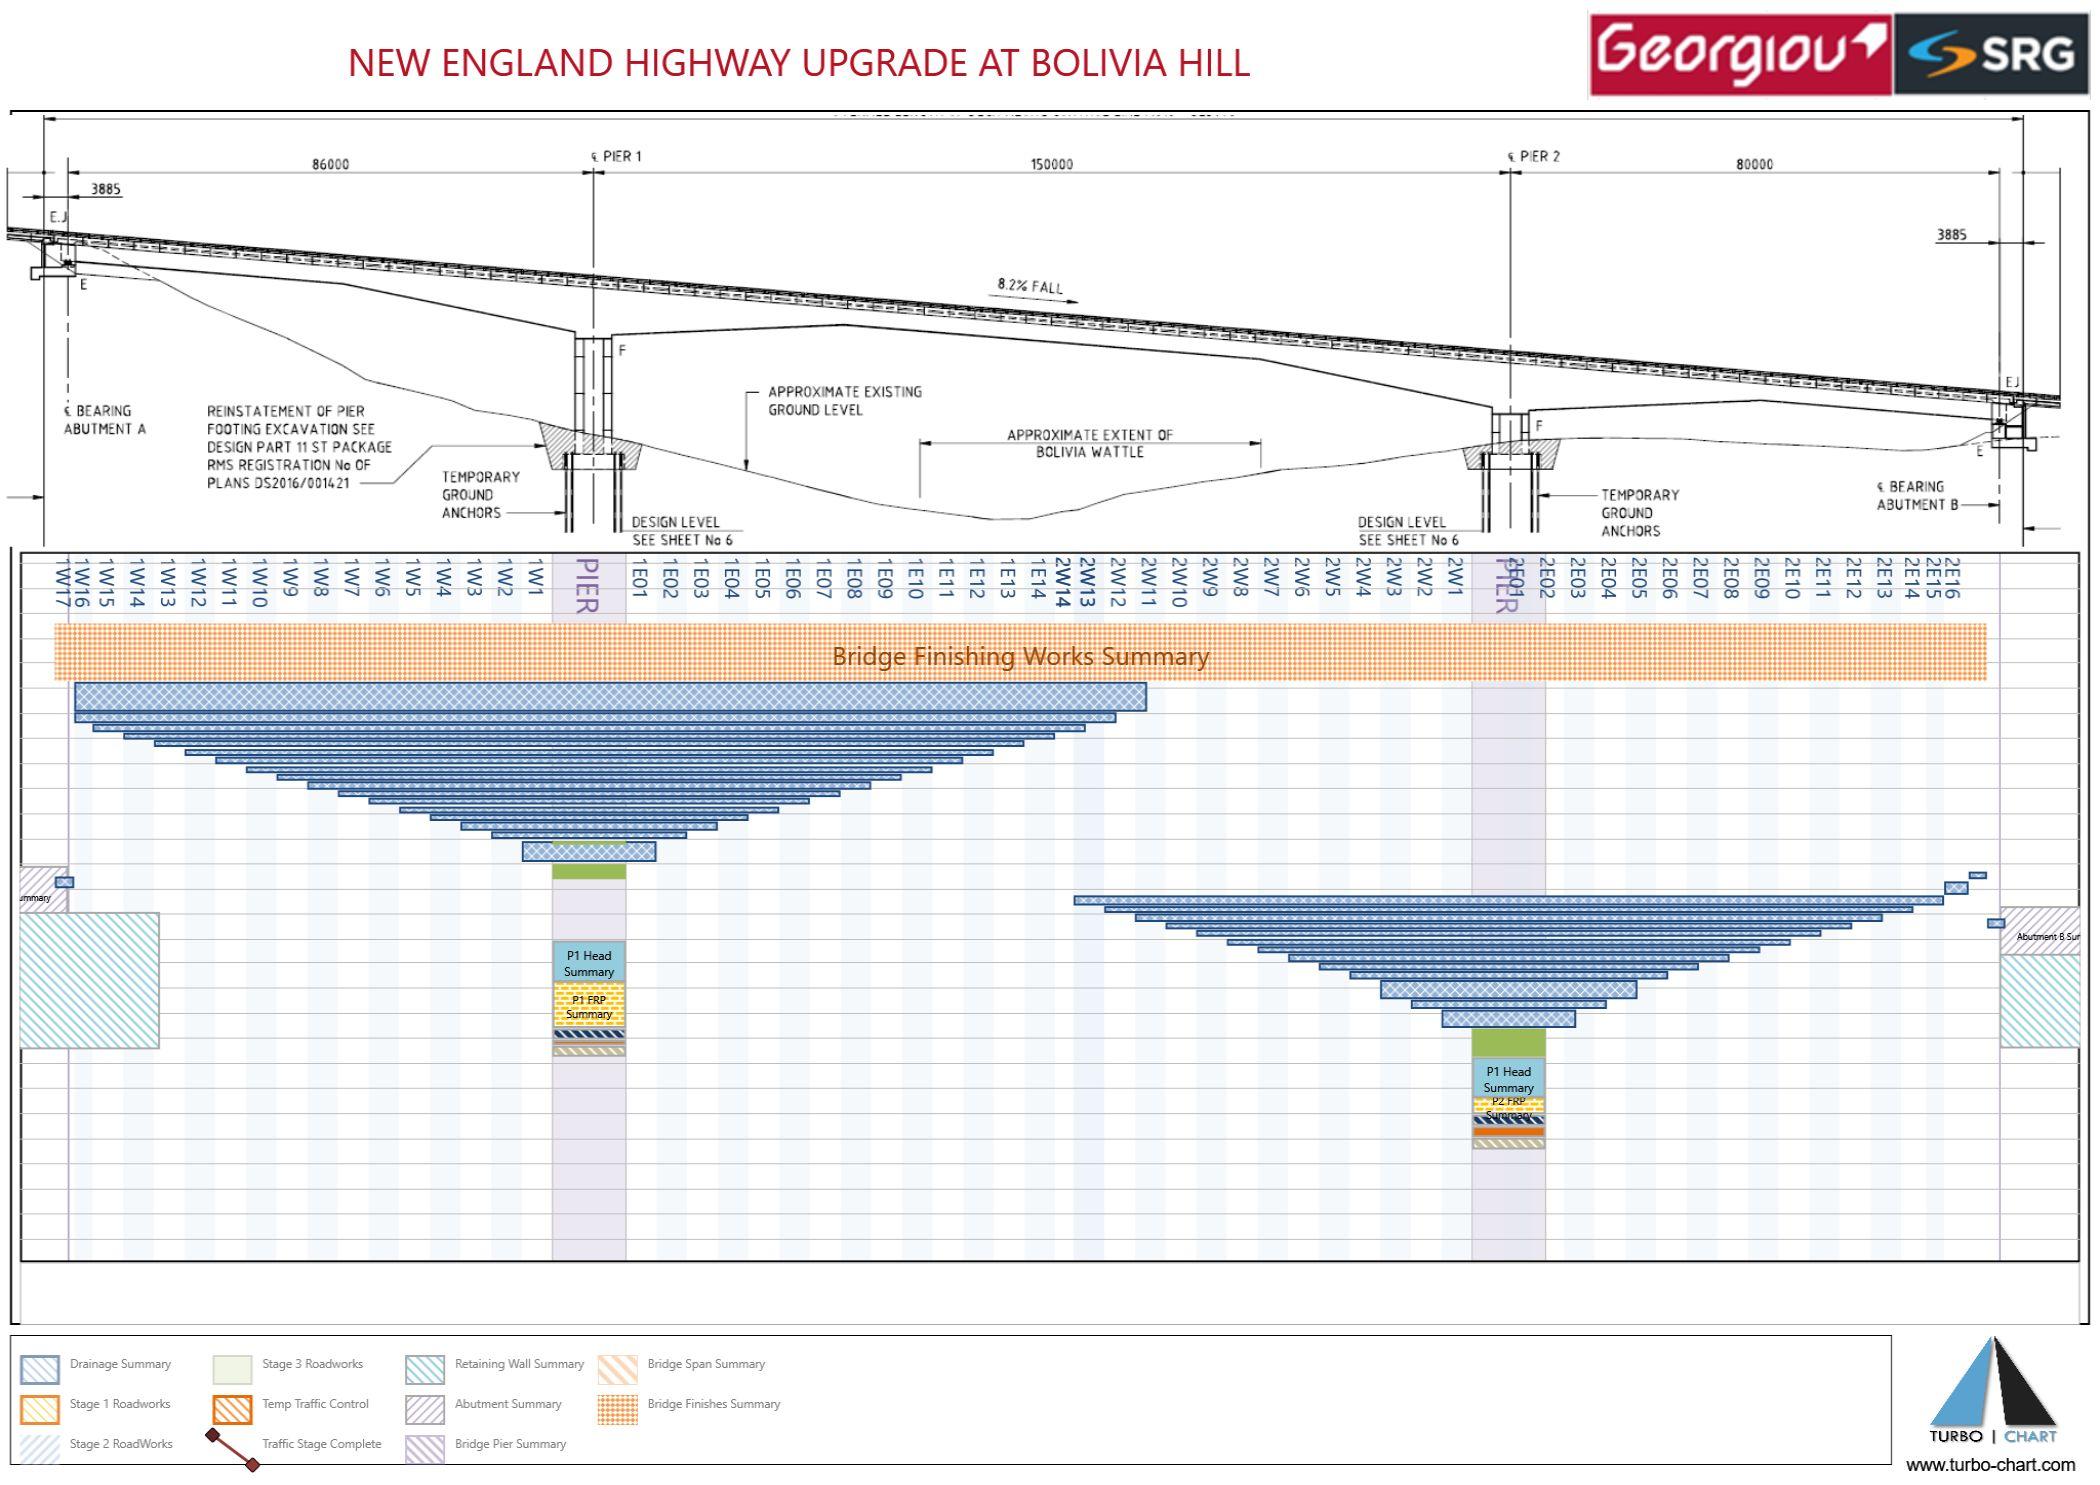 TC_BOLIVIA-HILL-BRIDGEWORKS - Weg-Zeit-Diagramme mit Turbo Chart ...